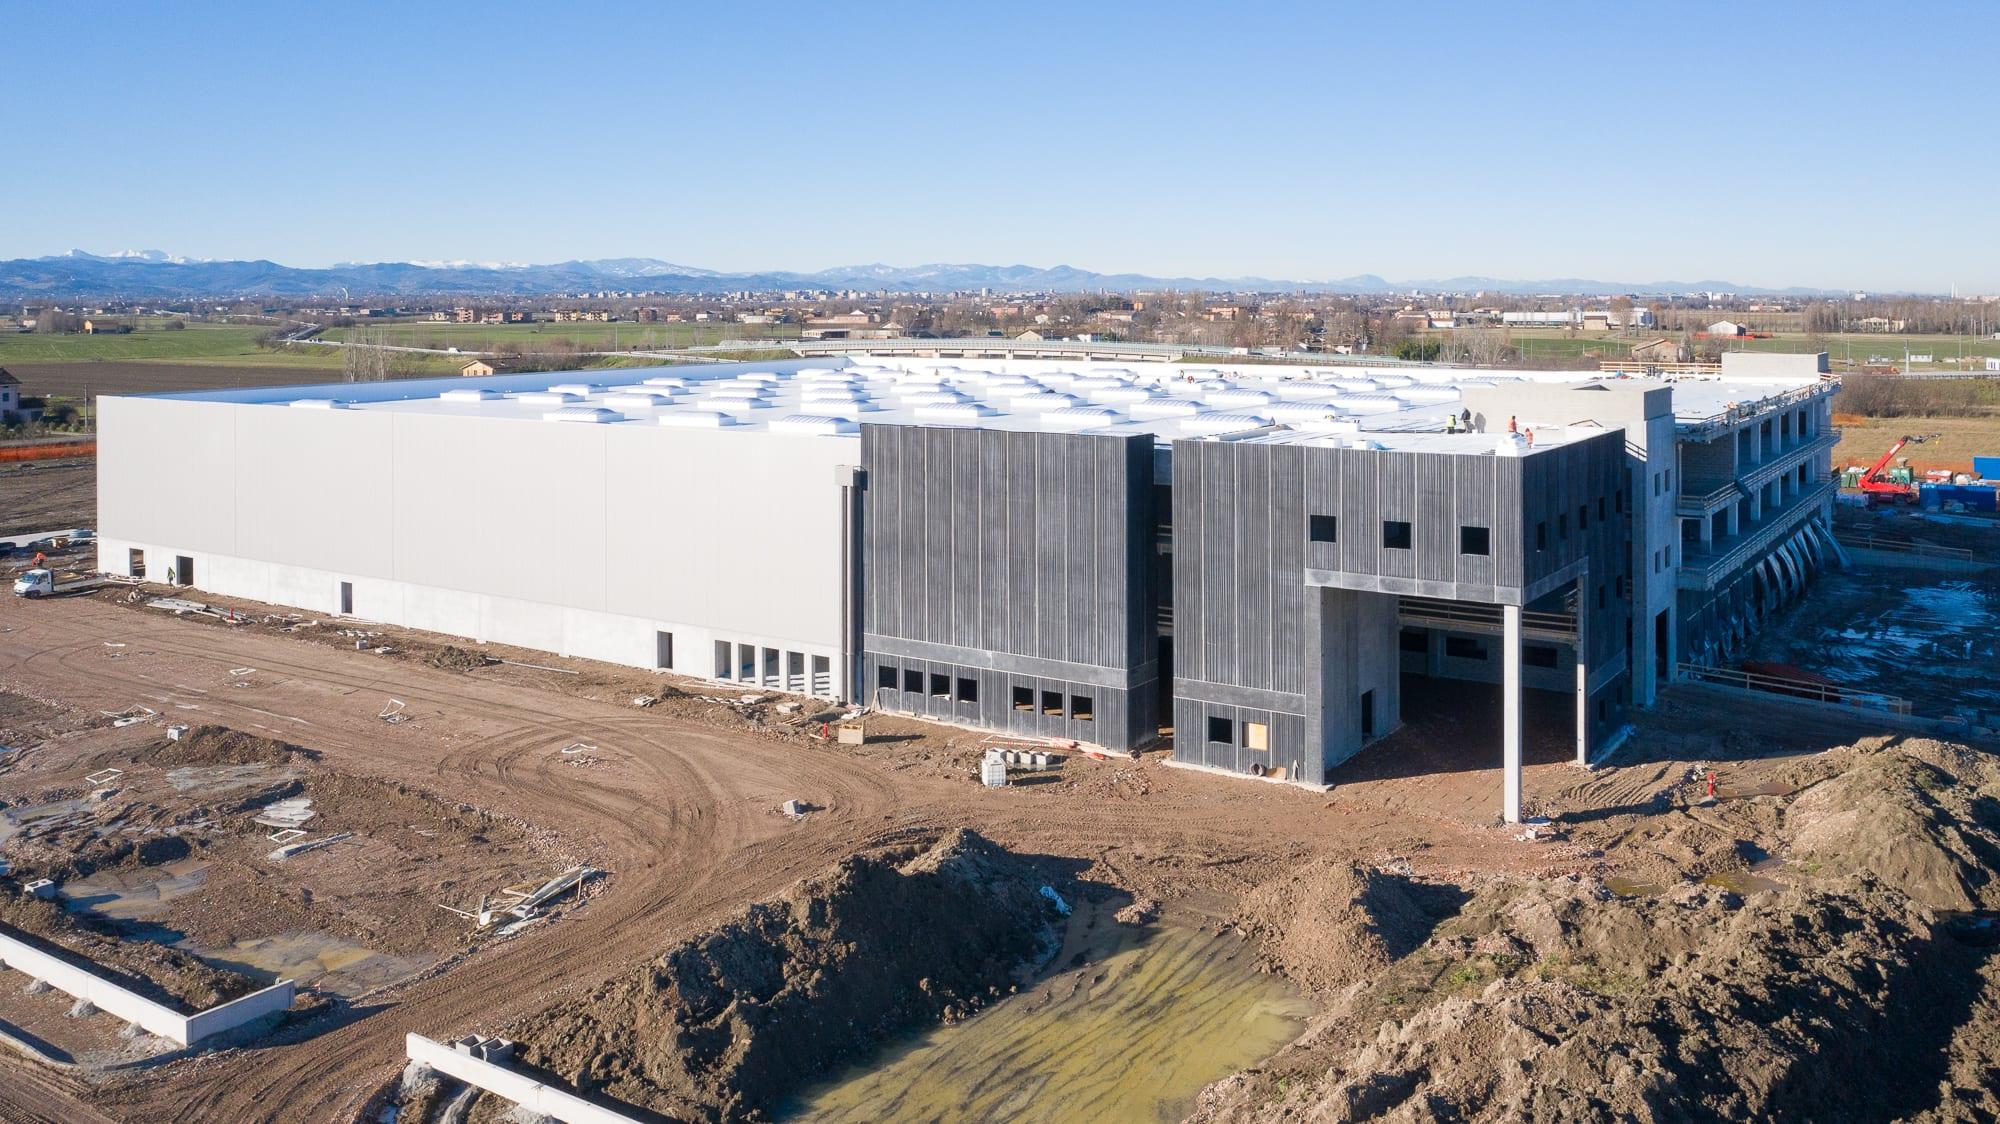 GSE lance la construction du nouveau centre de distribution de 18 000m² pour Kramp en Italie